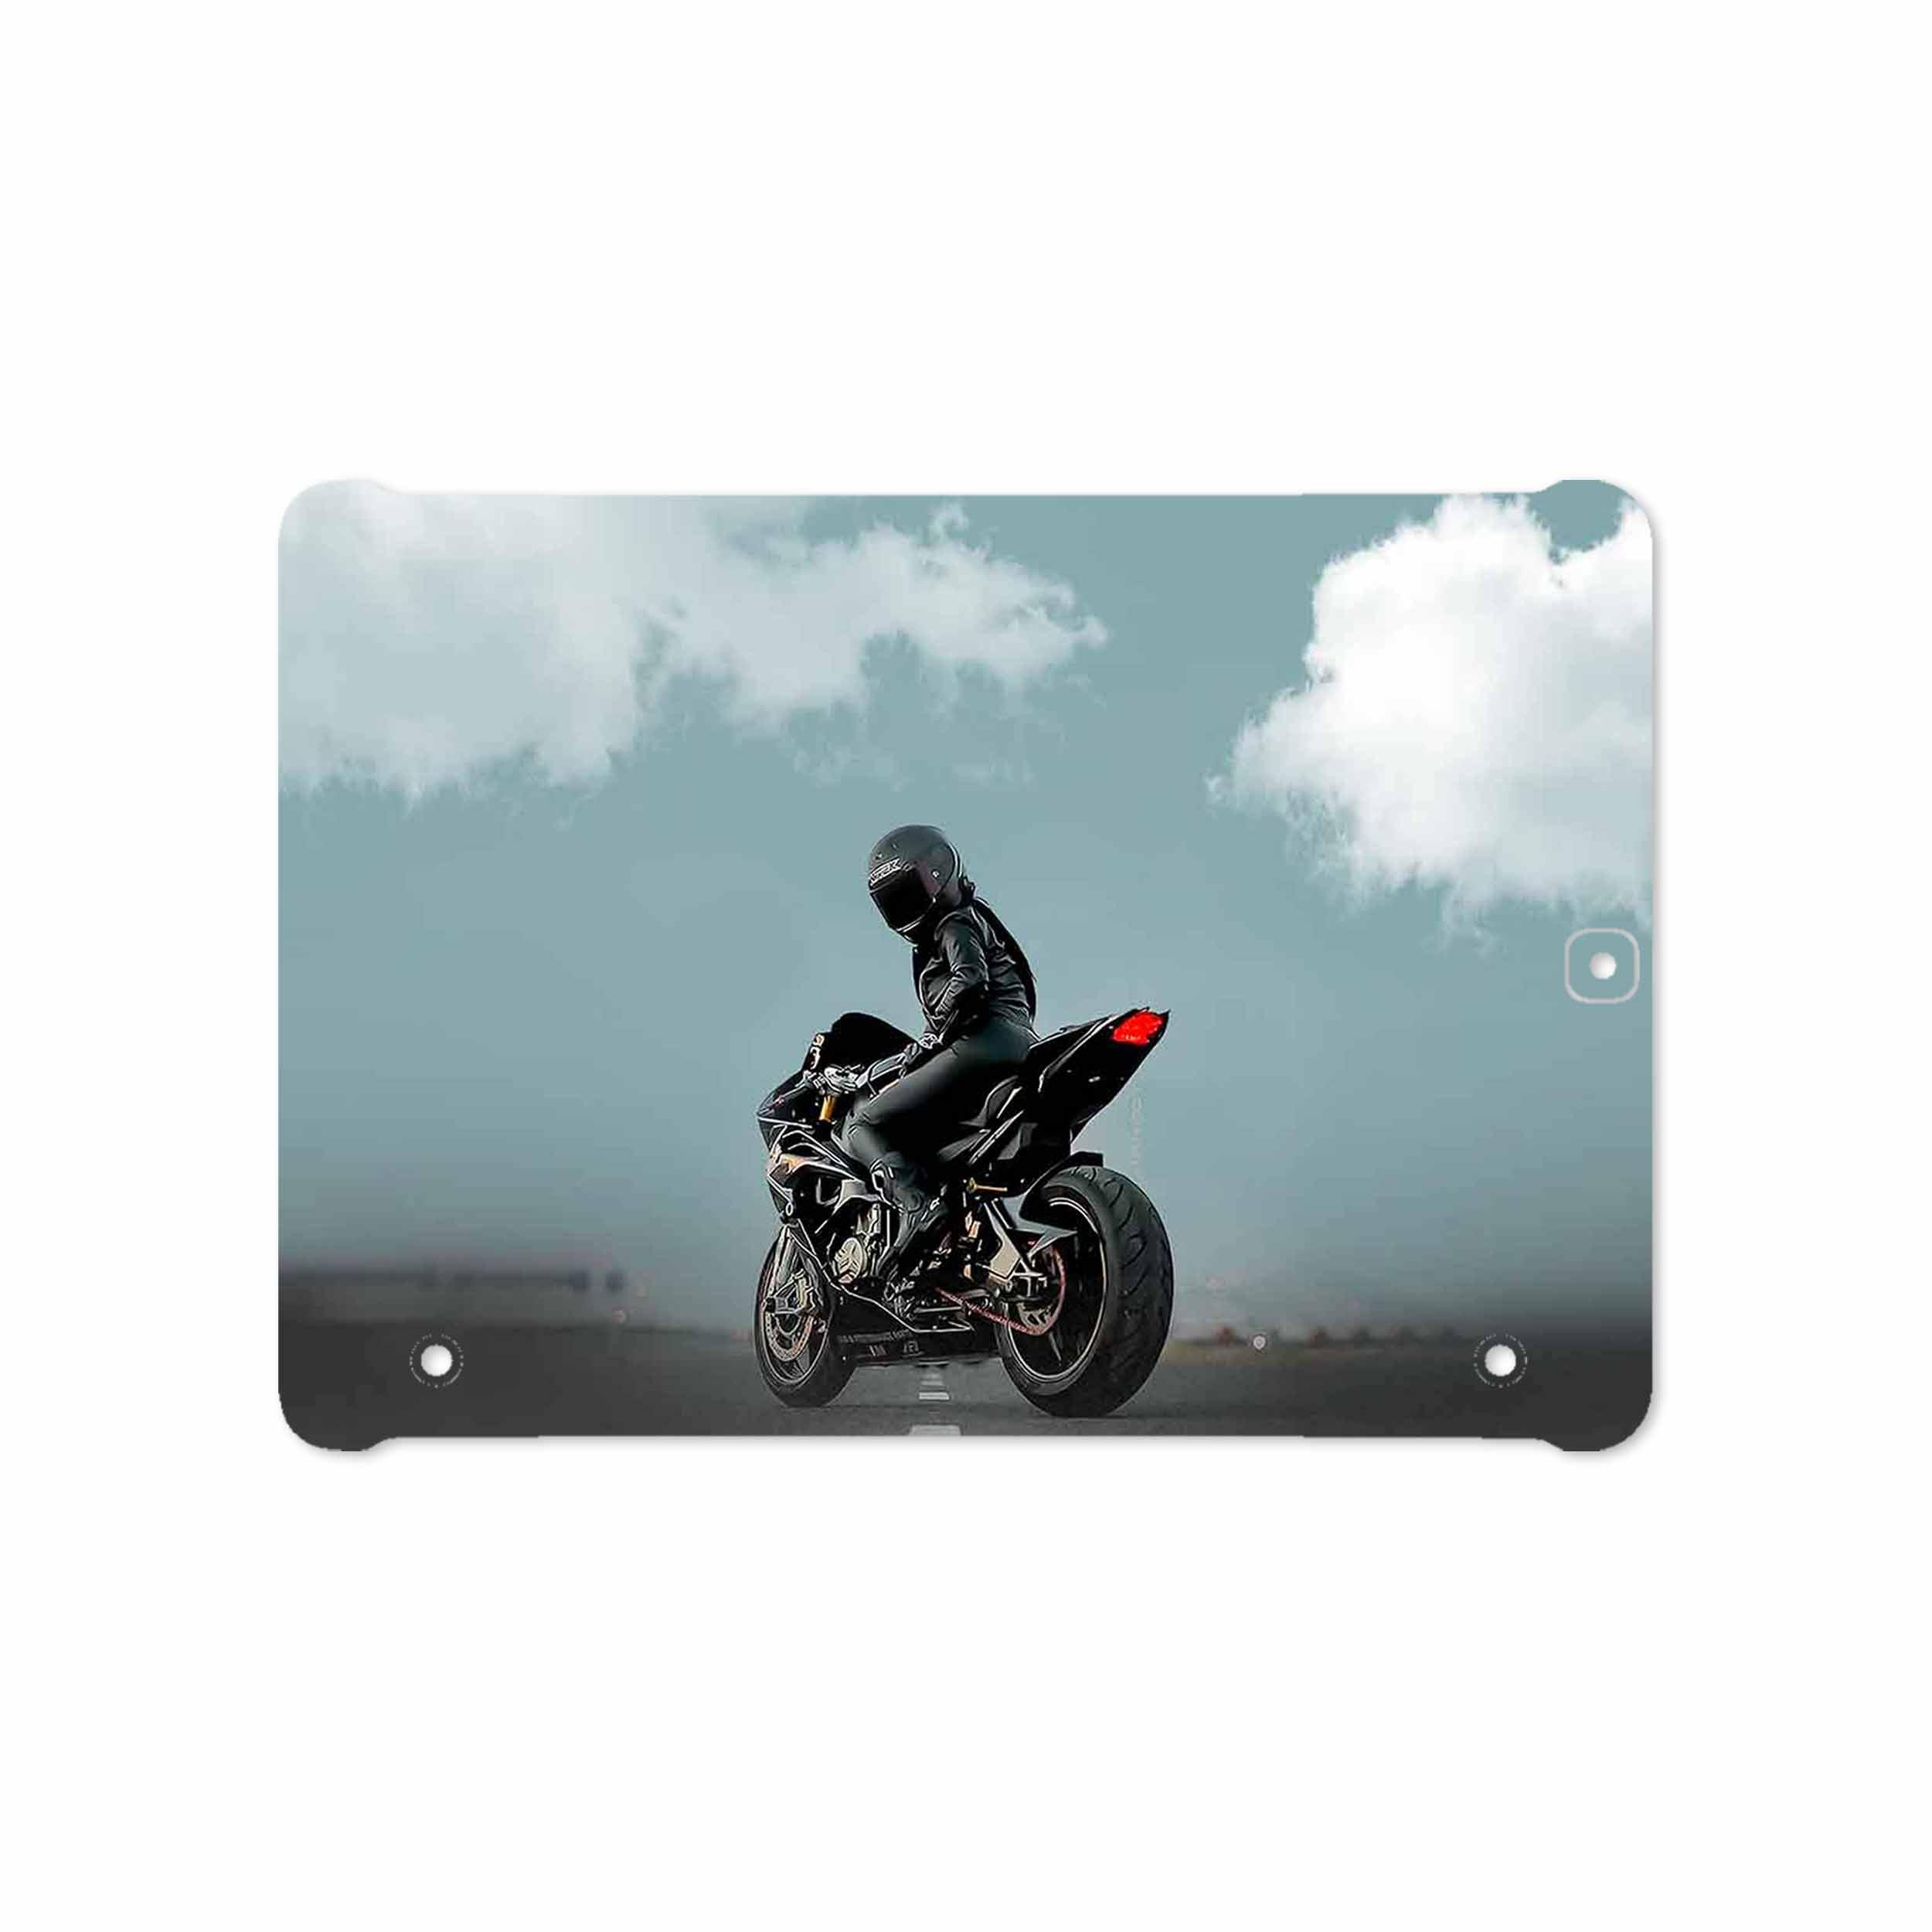 بررسی و خرید [با تخفیف]                                     برچسب پوششی ماهوت مدل Motorcycling مناسب برای تبلت سامسونگ Galaxy Tab S2 9.7 2015 T810                             اورجینال